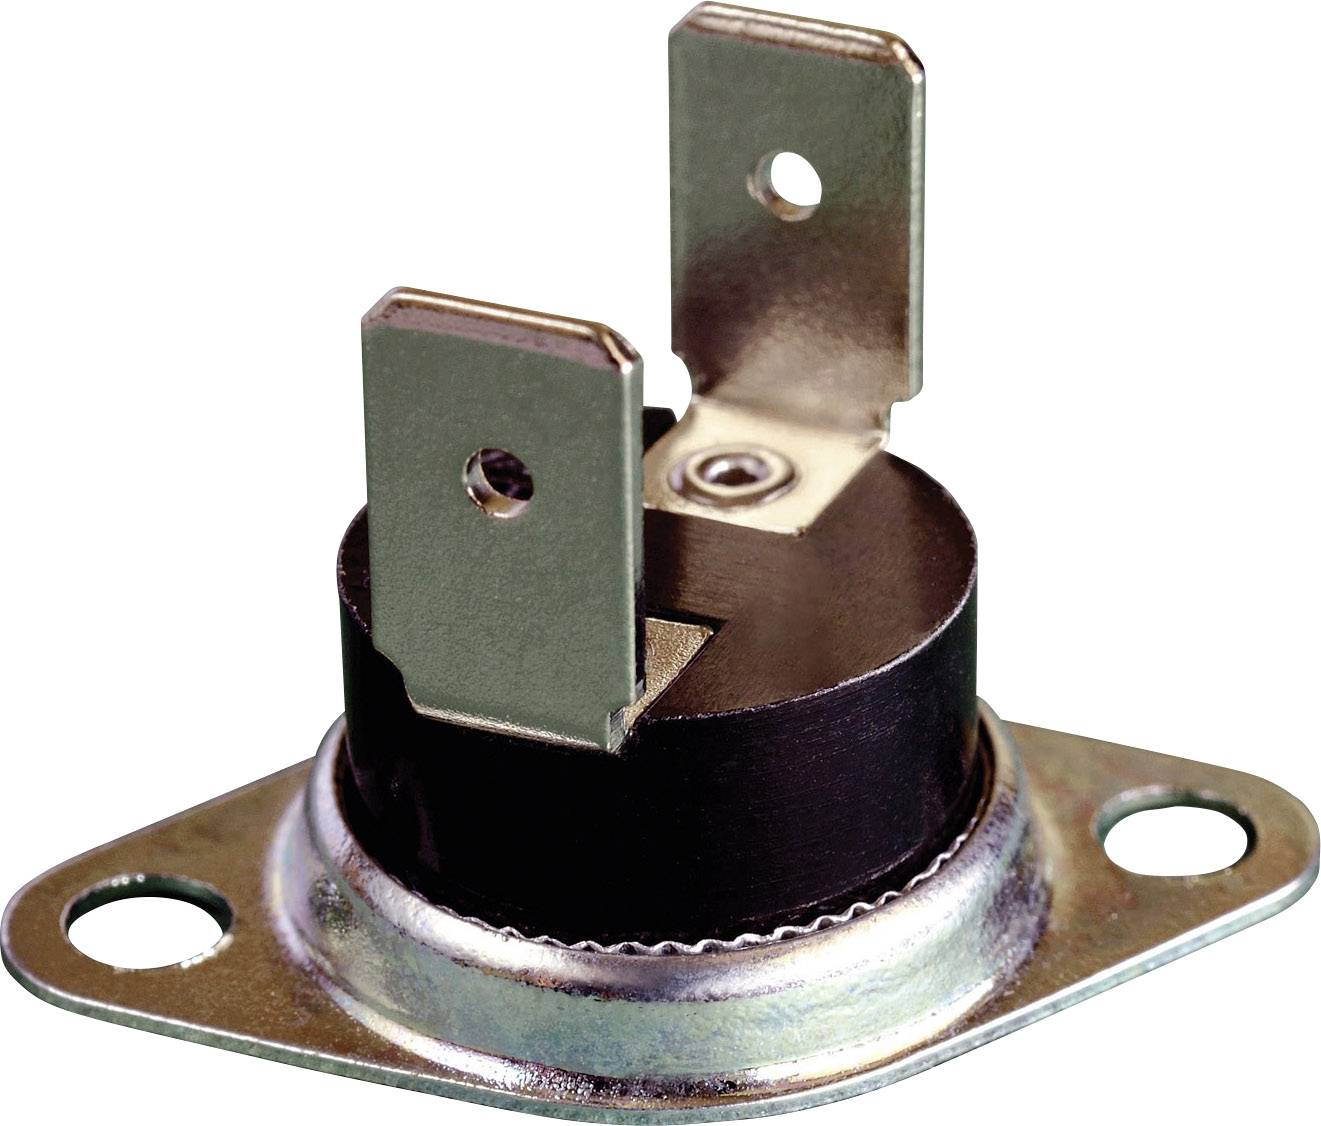 /± 5/°C 55 /°C Schlie/ß-Temperatur 40 /°C 1 St. ESKA 261-/Ö55-S40-V Bimetallschalter 250 V 10 A /Öffnungstemperatur